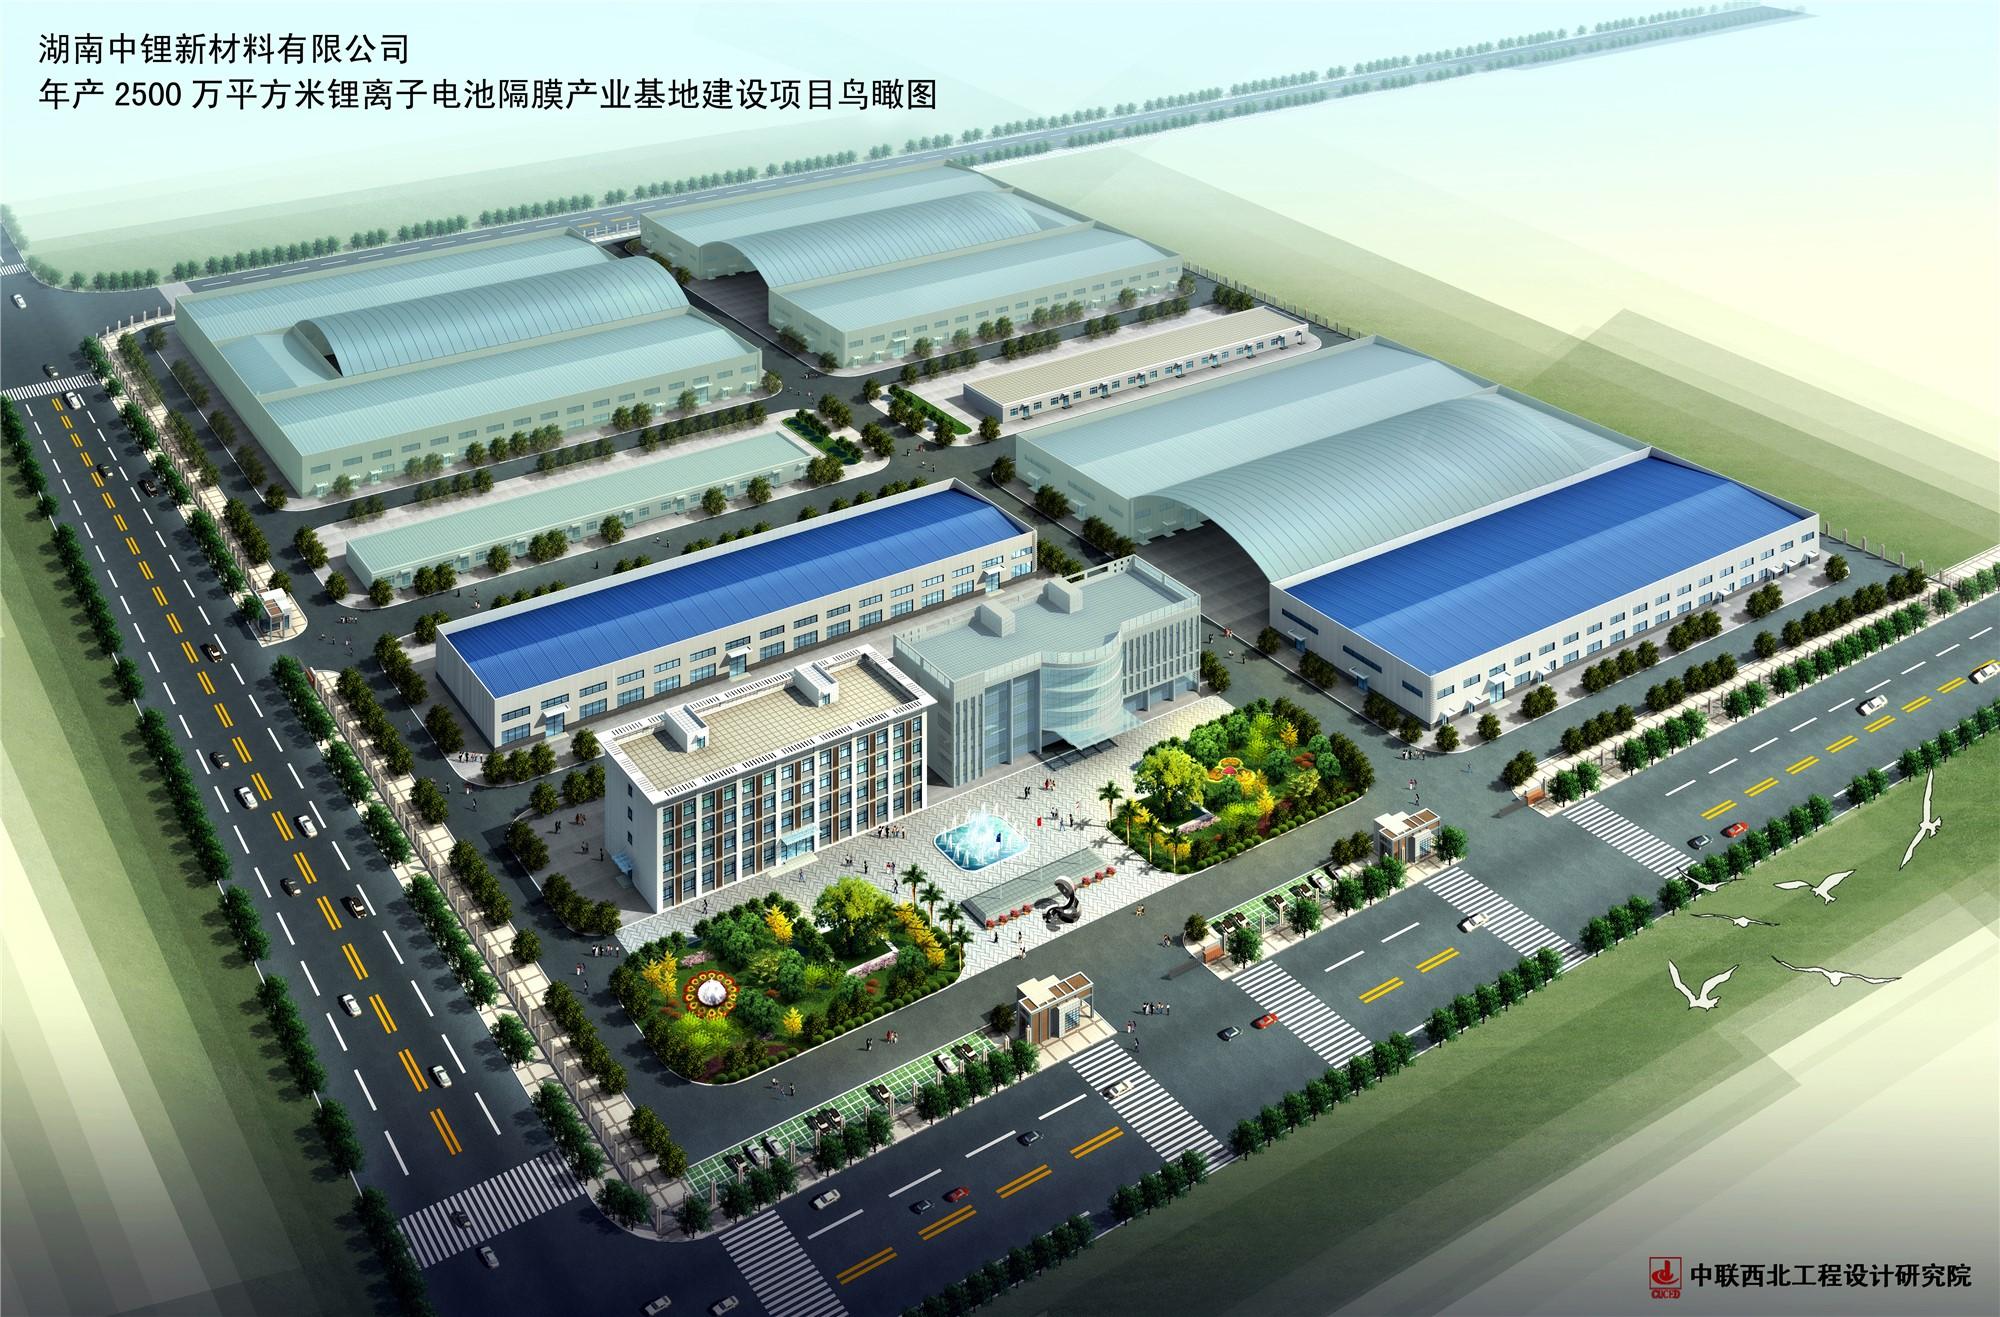 湖南中锂新材料有限公司年产2500万平方米锂离子电池隔膜产业基地建设项目